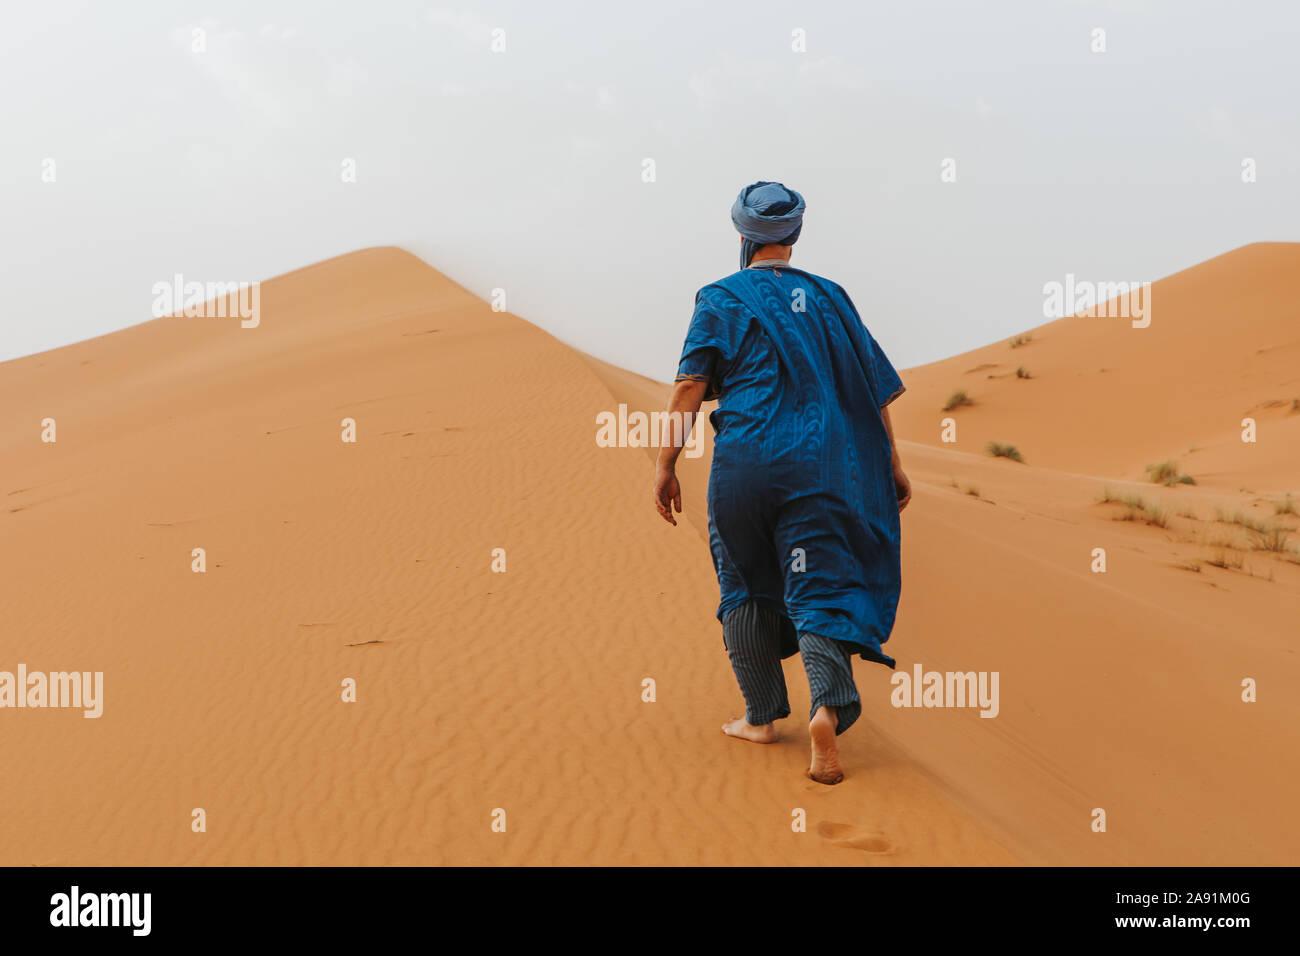 L'uomo con il classico riff vestiti a piedi dalle dune del deserto da soli. Foto Stock